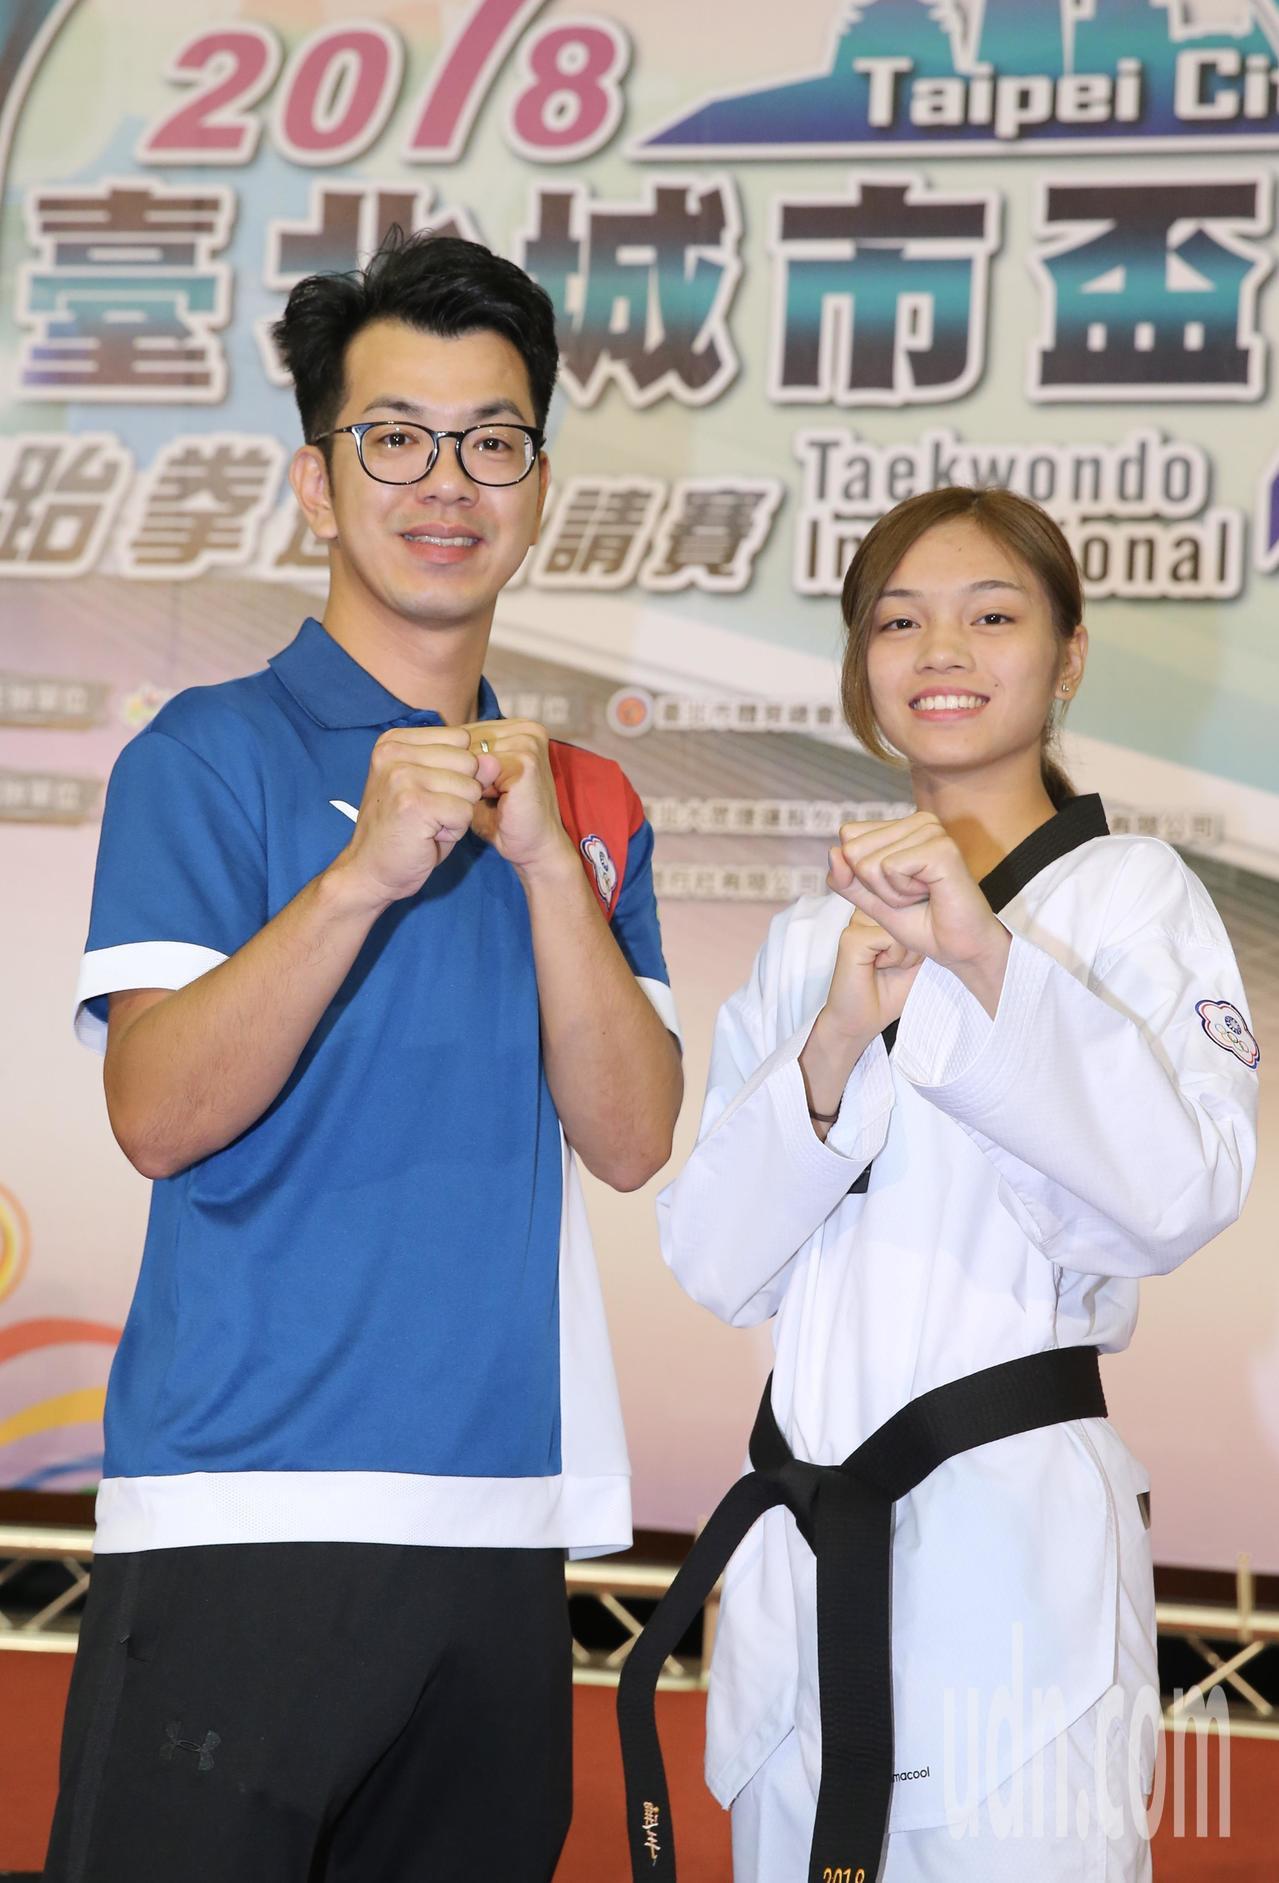 亞運跆拳道金牌得主蘇柏亞(右)與教練蘇泰源(左),一同為城市盃跆拳邀請賽宣傳活動...